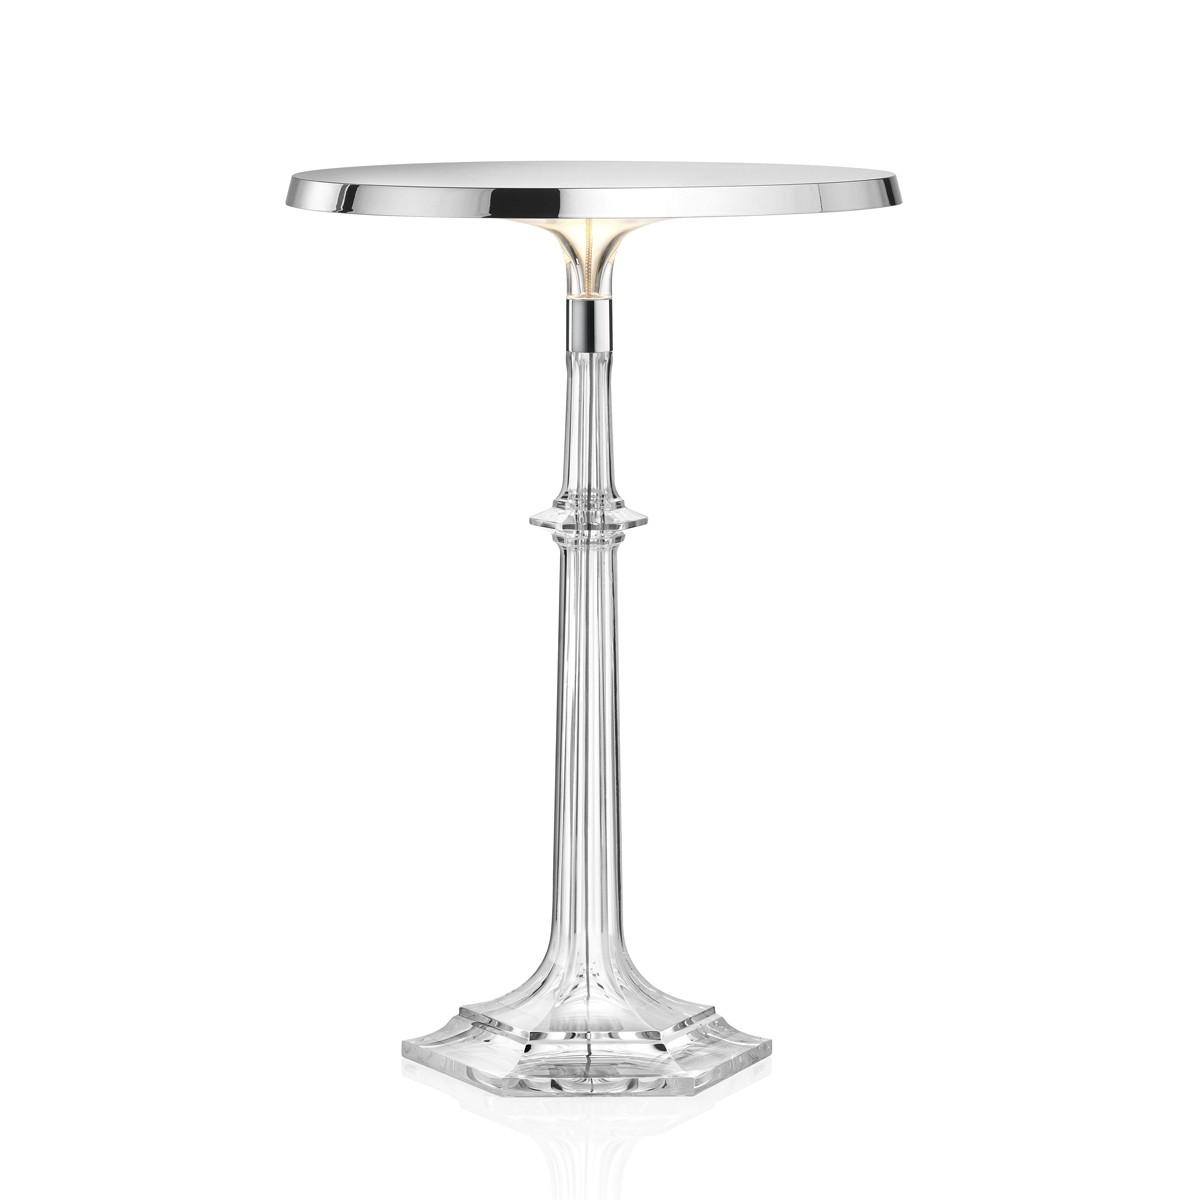 Flos Bon Jour Versailles Tischleuchte, Chrom, ohne Krone